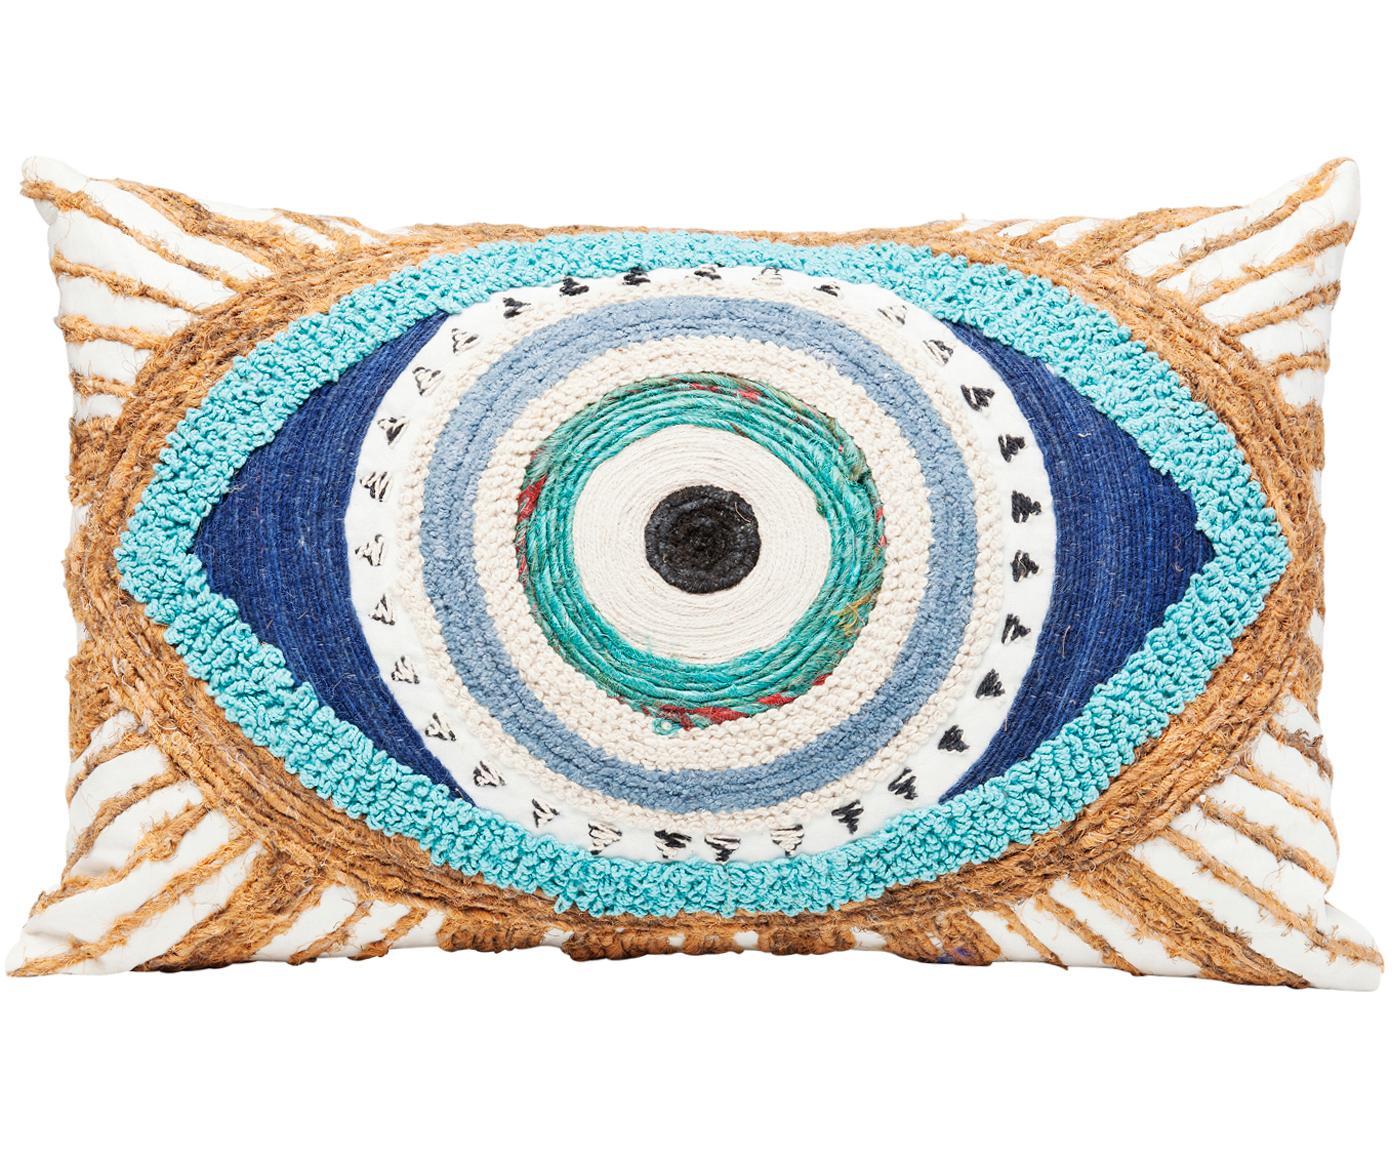 Besticktes Kissen Ethno Eye mit Jute Verzierungen, mit Inlett, Bezug: 100% Baumwolle, Weiss, Beige, Blau, 35 x 55 cm